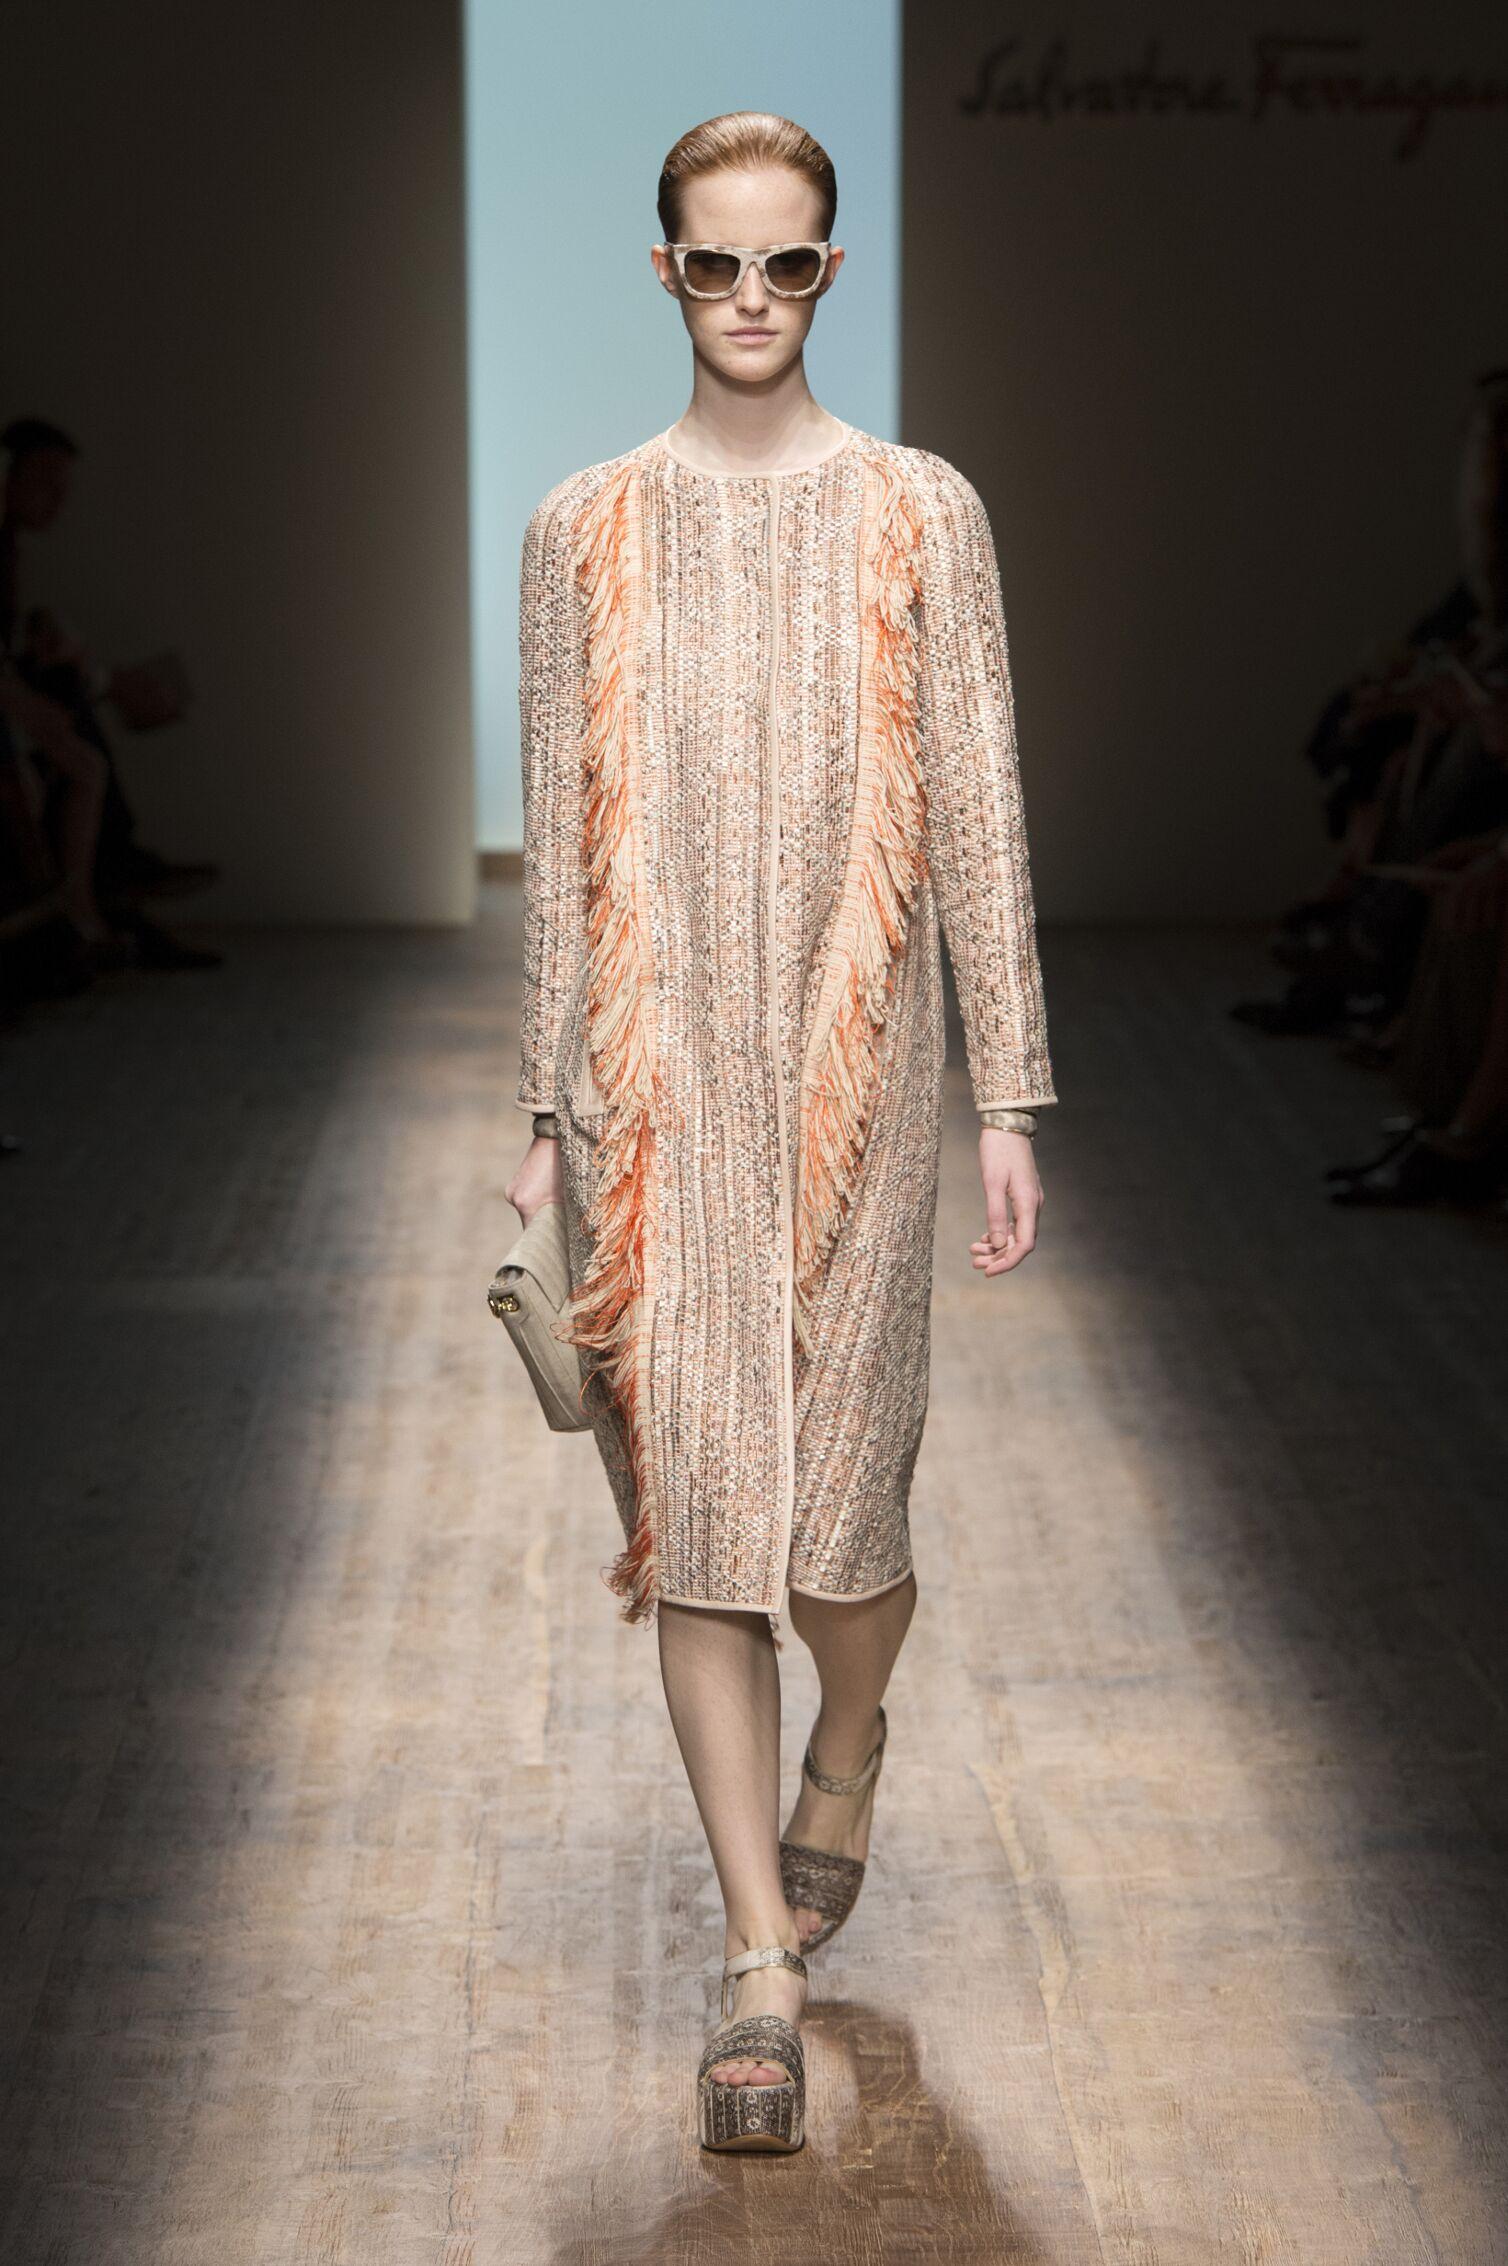 Runway Salvatore Ferragamo Spring Summer 2015 Women's Collection Milan Fashion Week